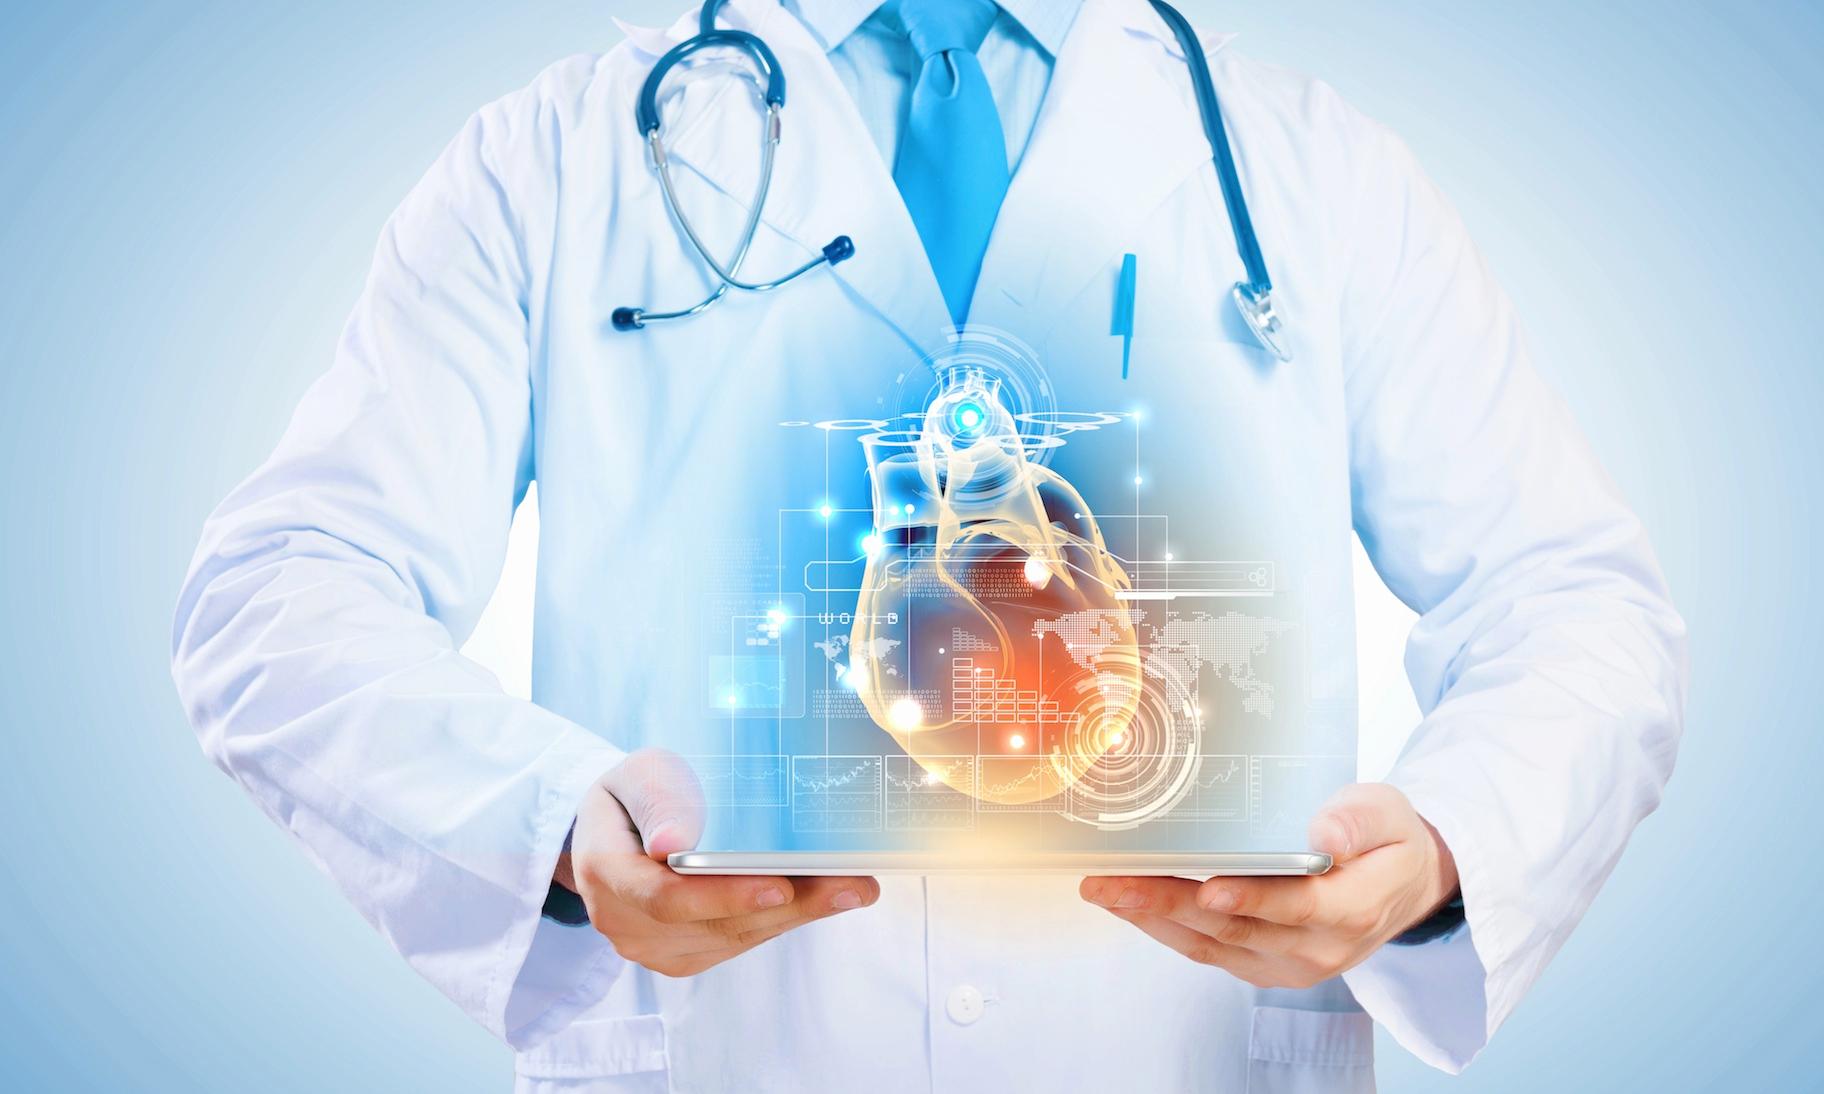 آیا جراحی اسلیو معده می تواند باعث کاهش اشتها در بین افراد مبتلا به بیماری چاقی شود؟